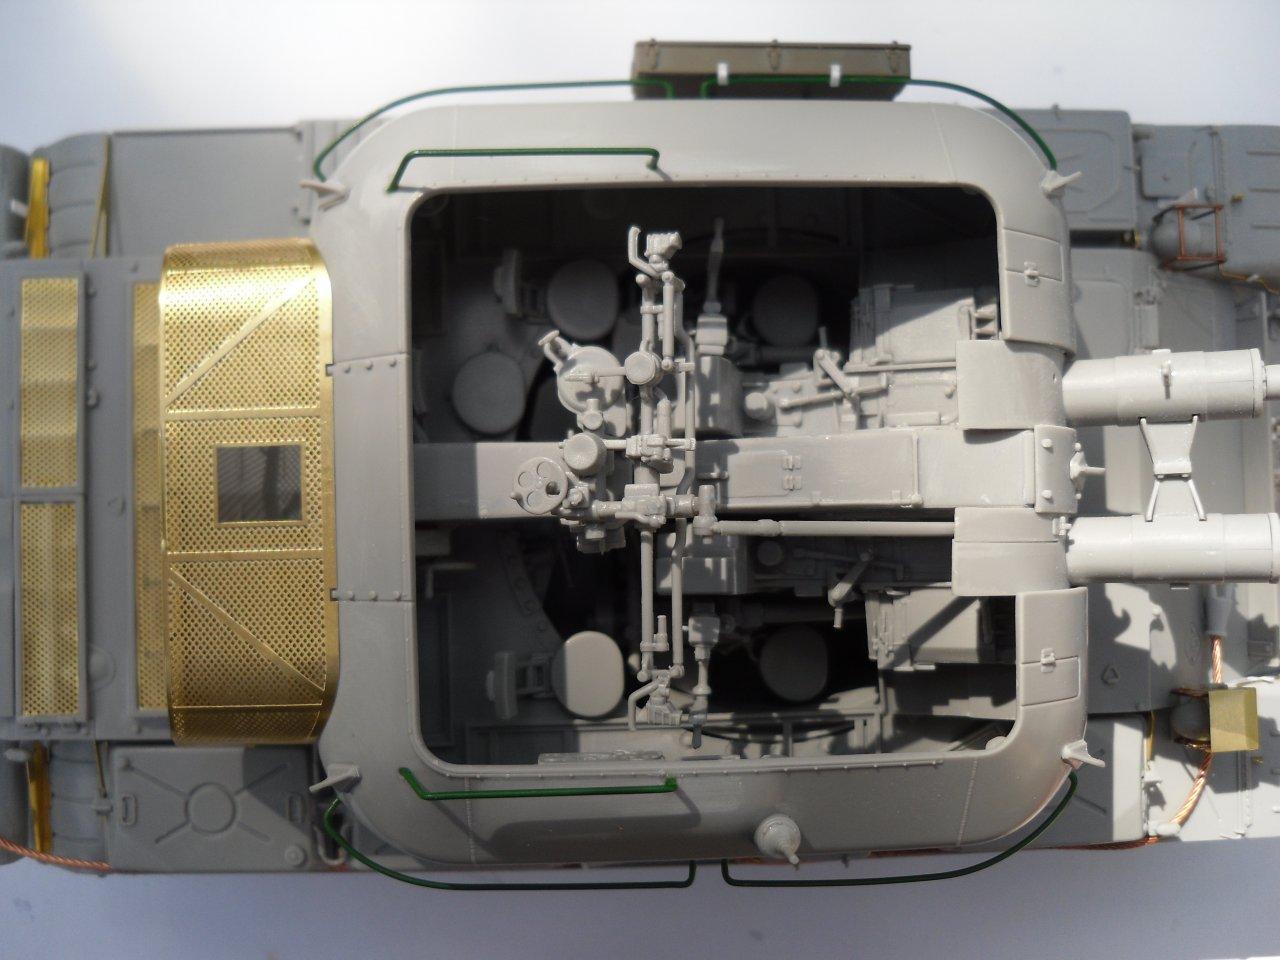 zsu-57-2 (7).JPG